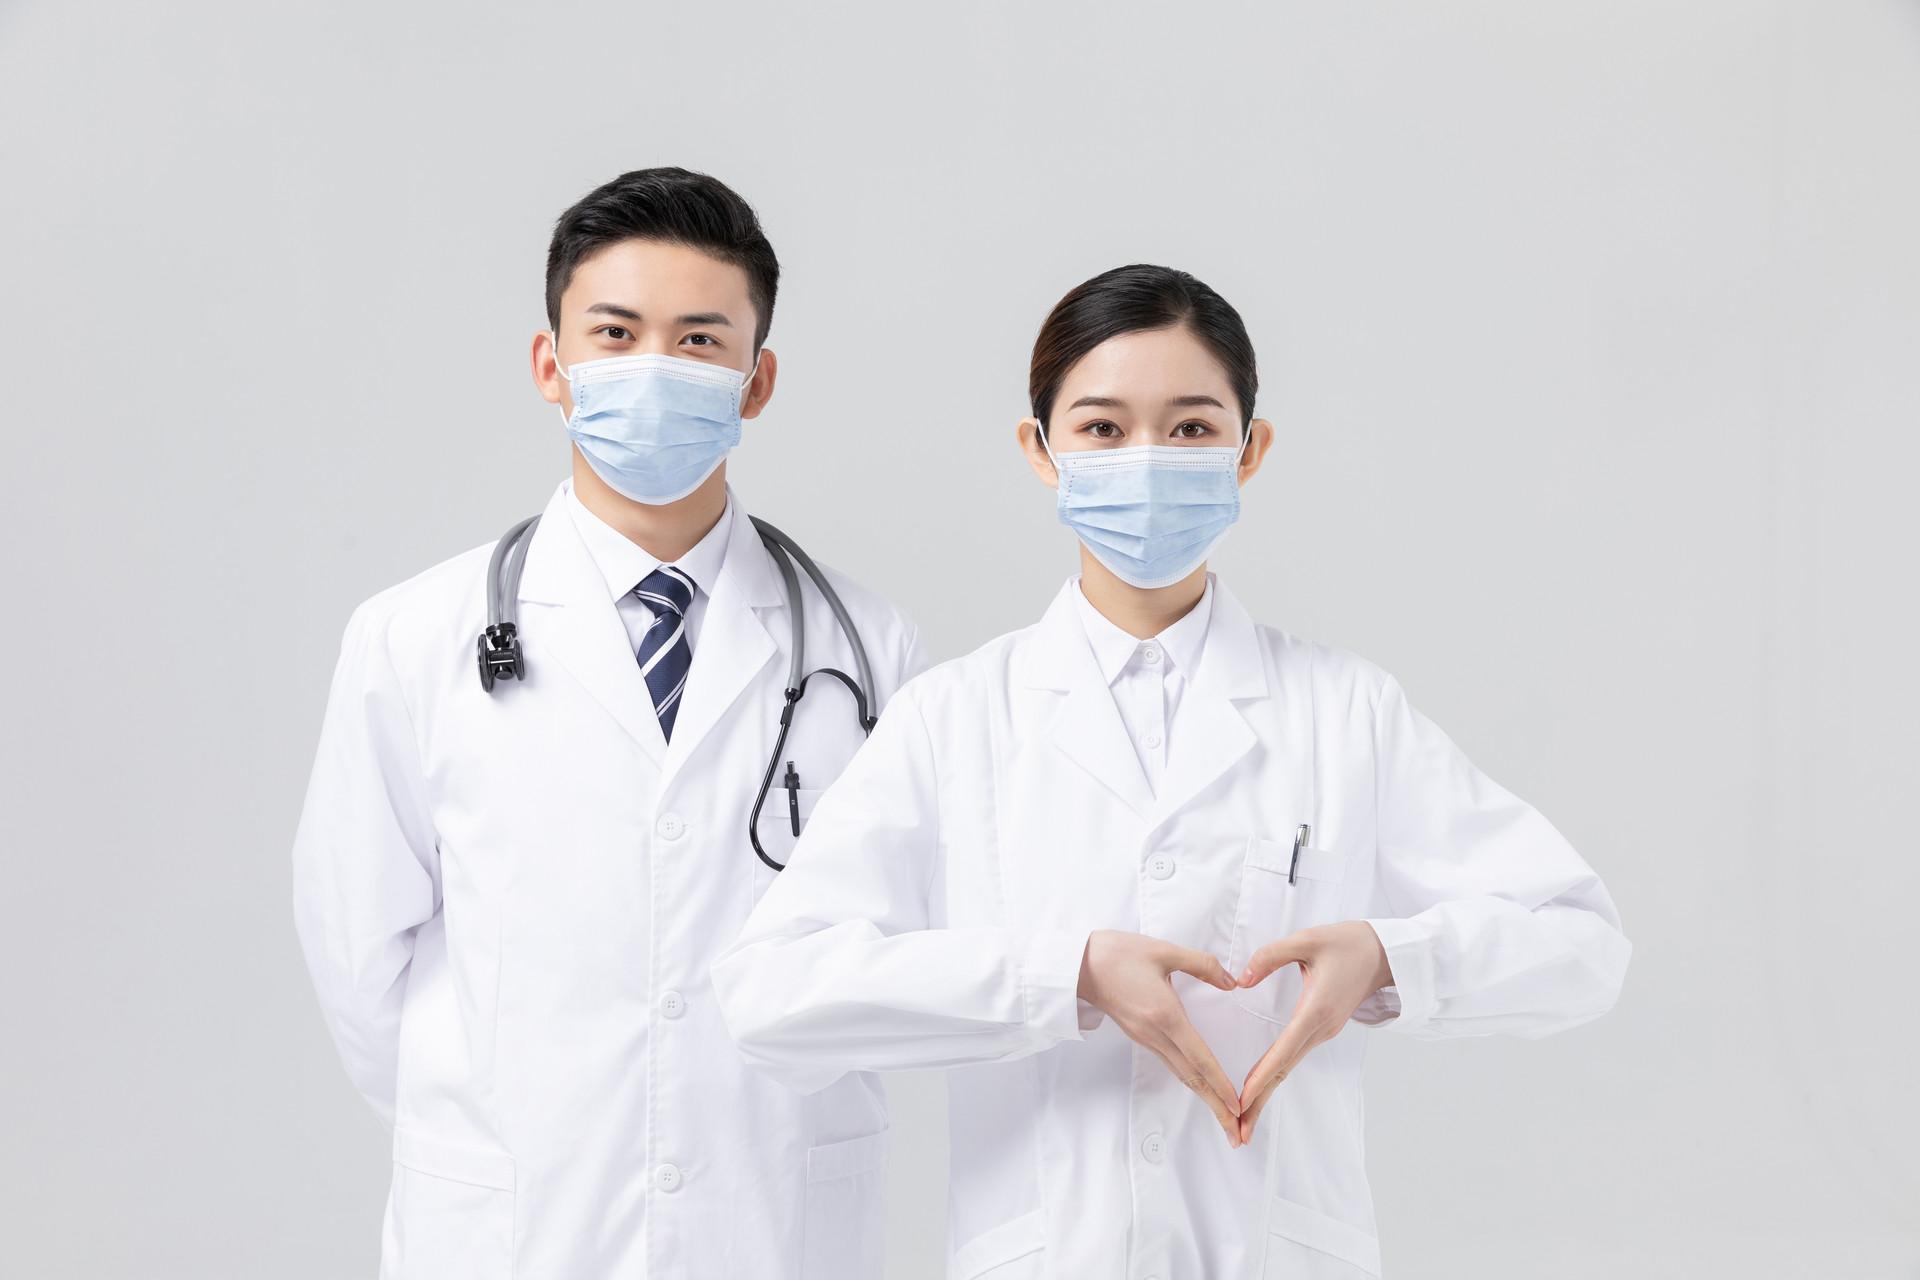 高端医疗保险产品对比